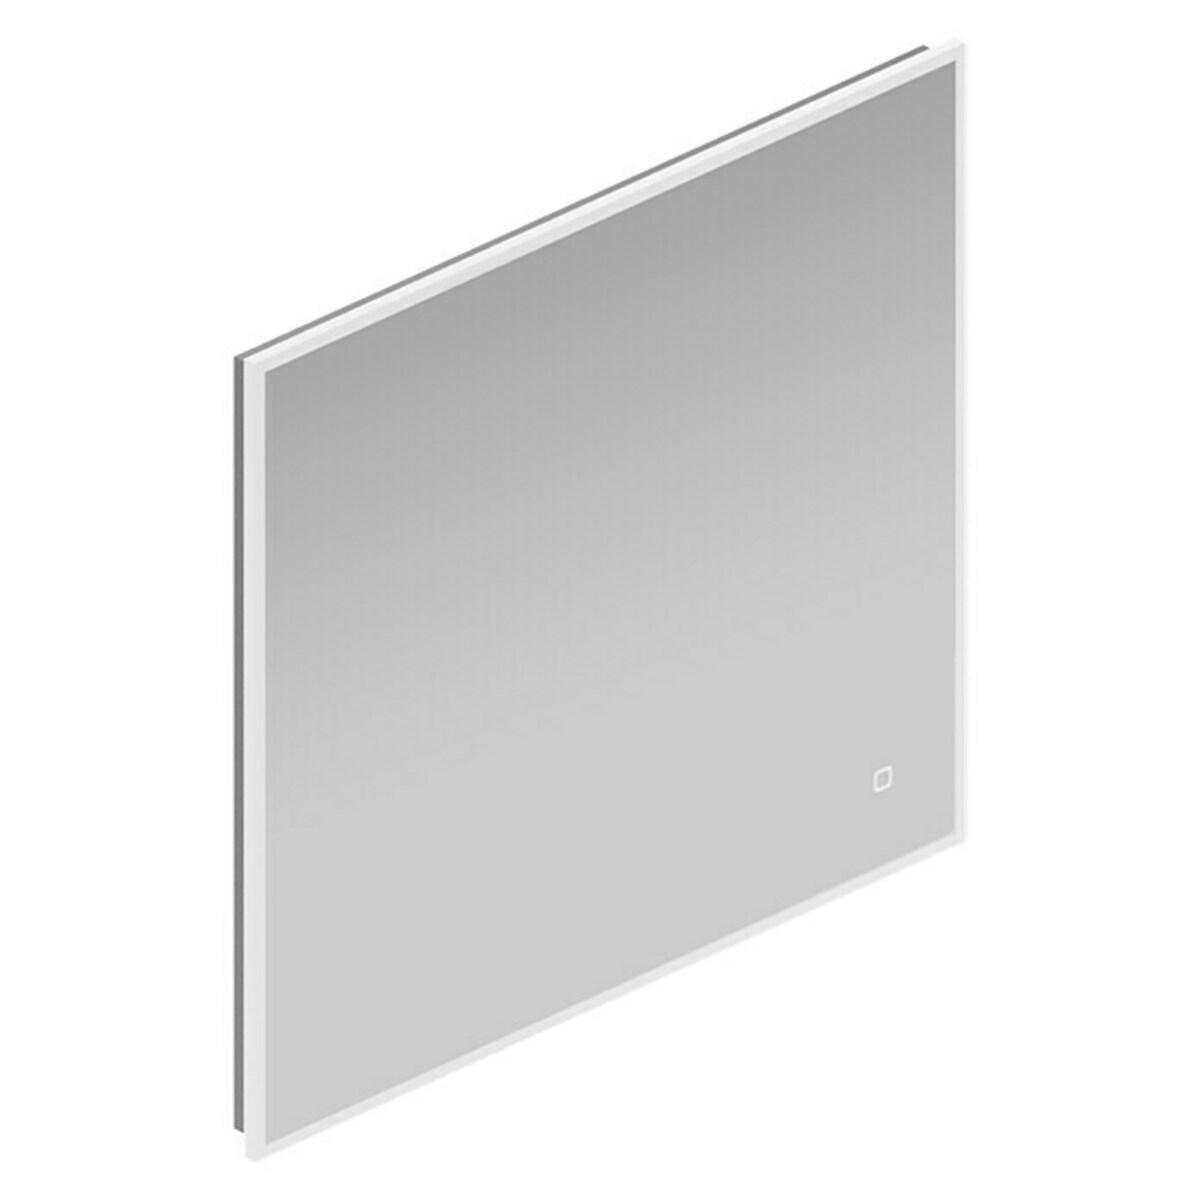 Bild 1 von Riva Tape LED-Lichtspiegel